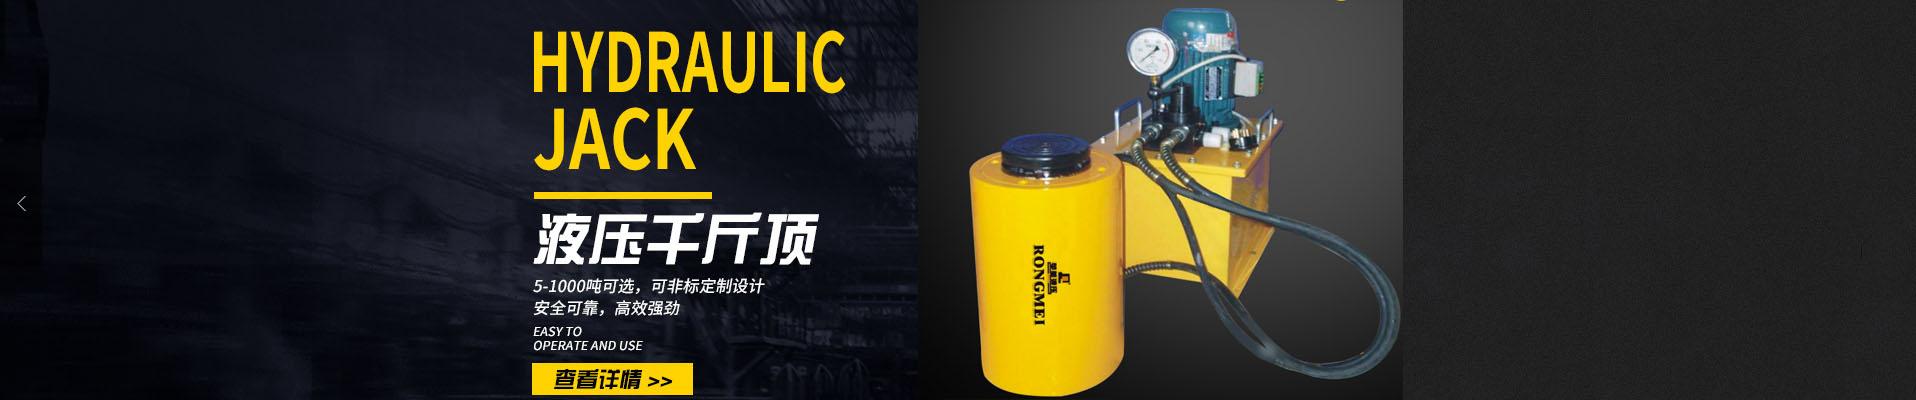 泰州市荣美液压机械制造有限公司